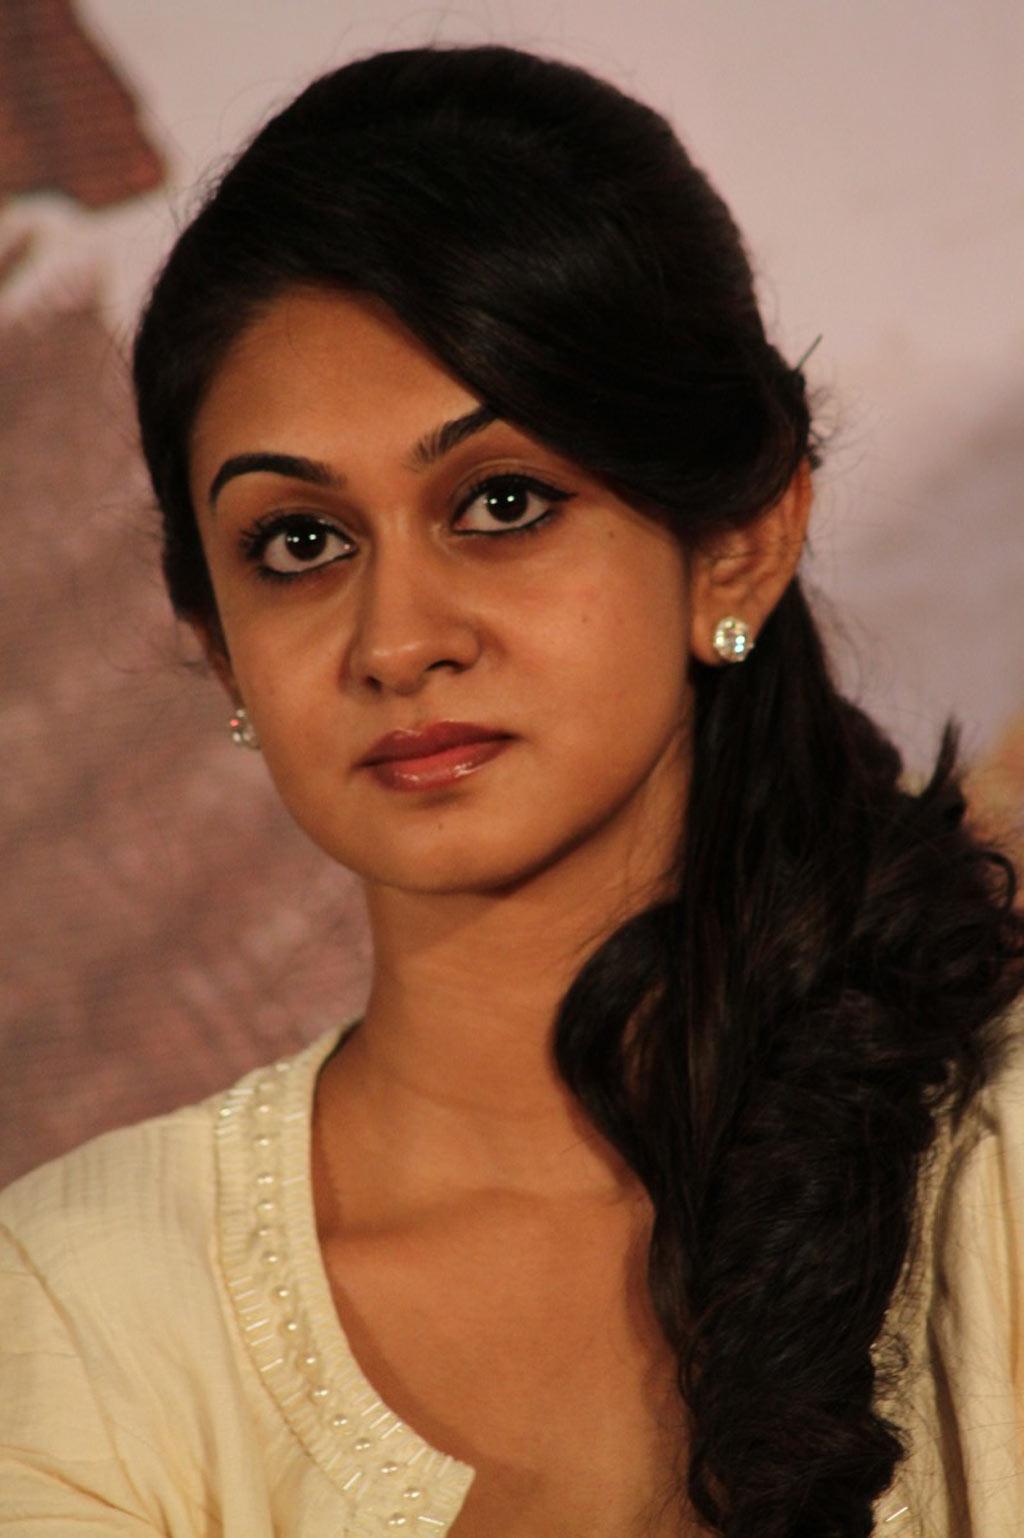 Aishwarya arjun without makeup photos